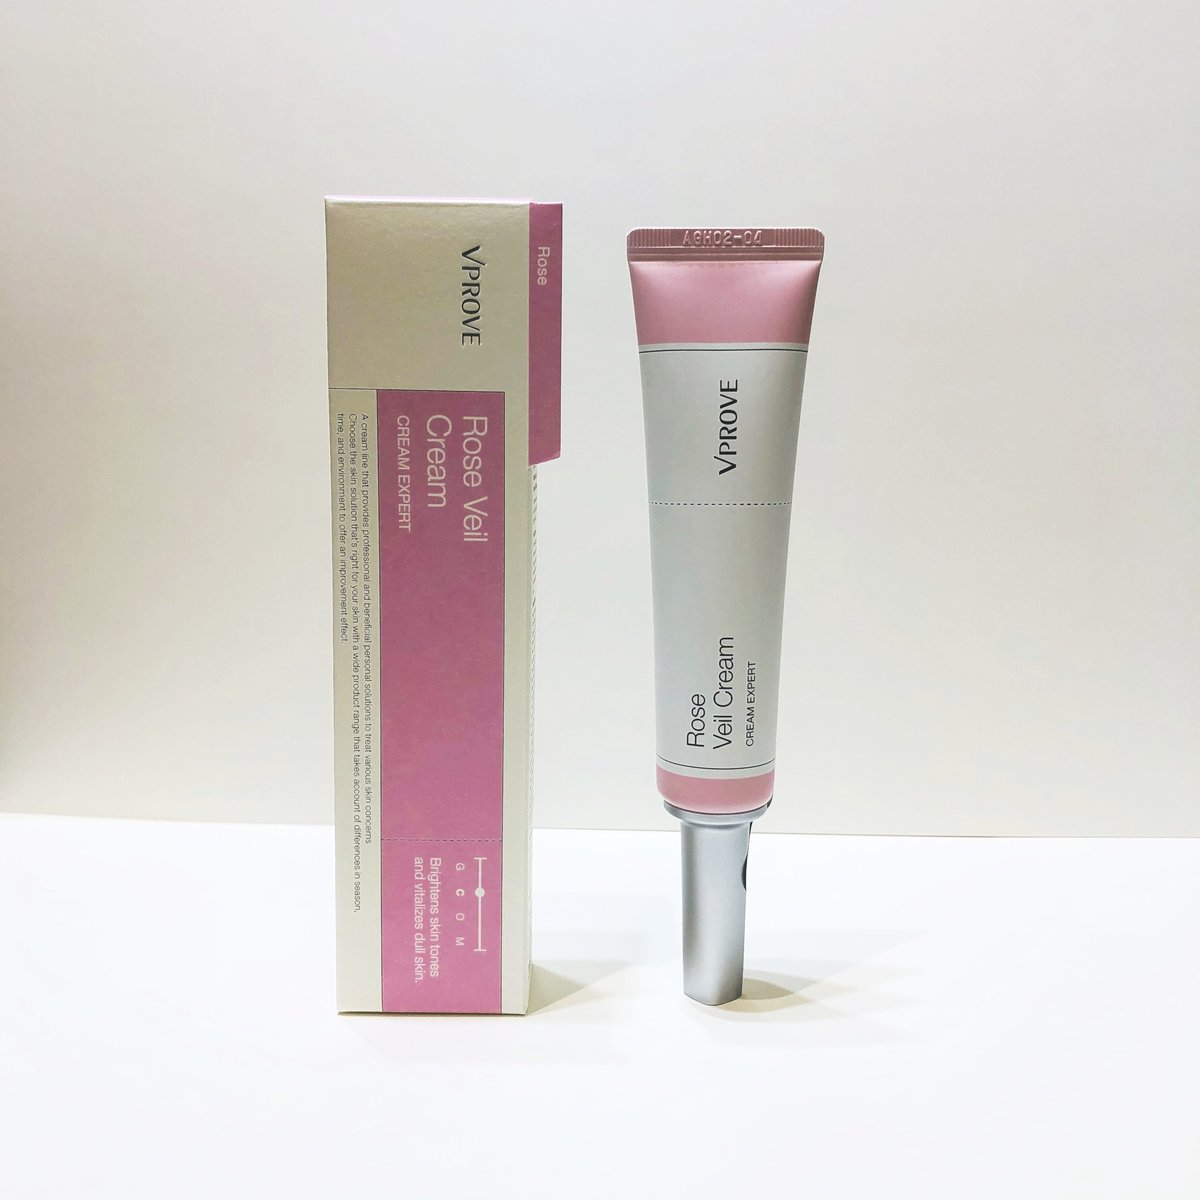 Korea Rose Veil Cream 【Parallel Import】